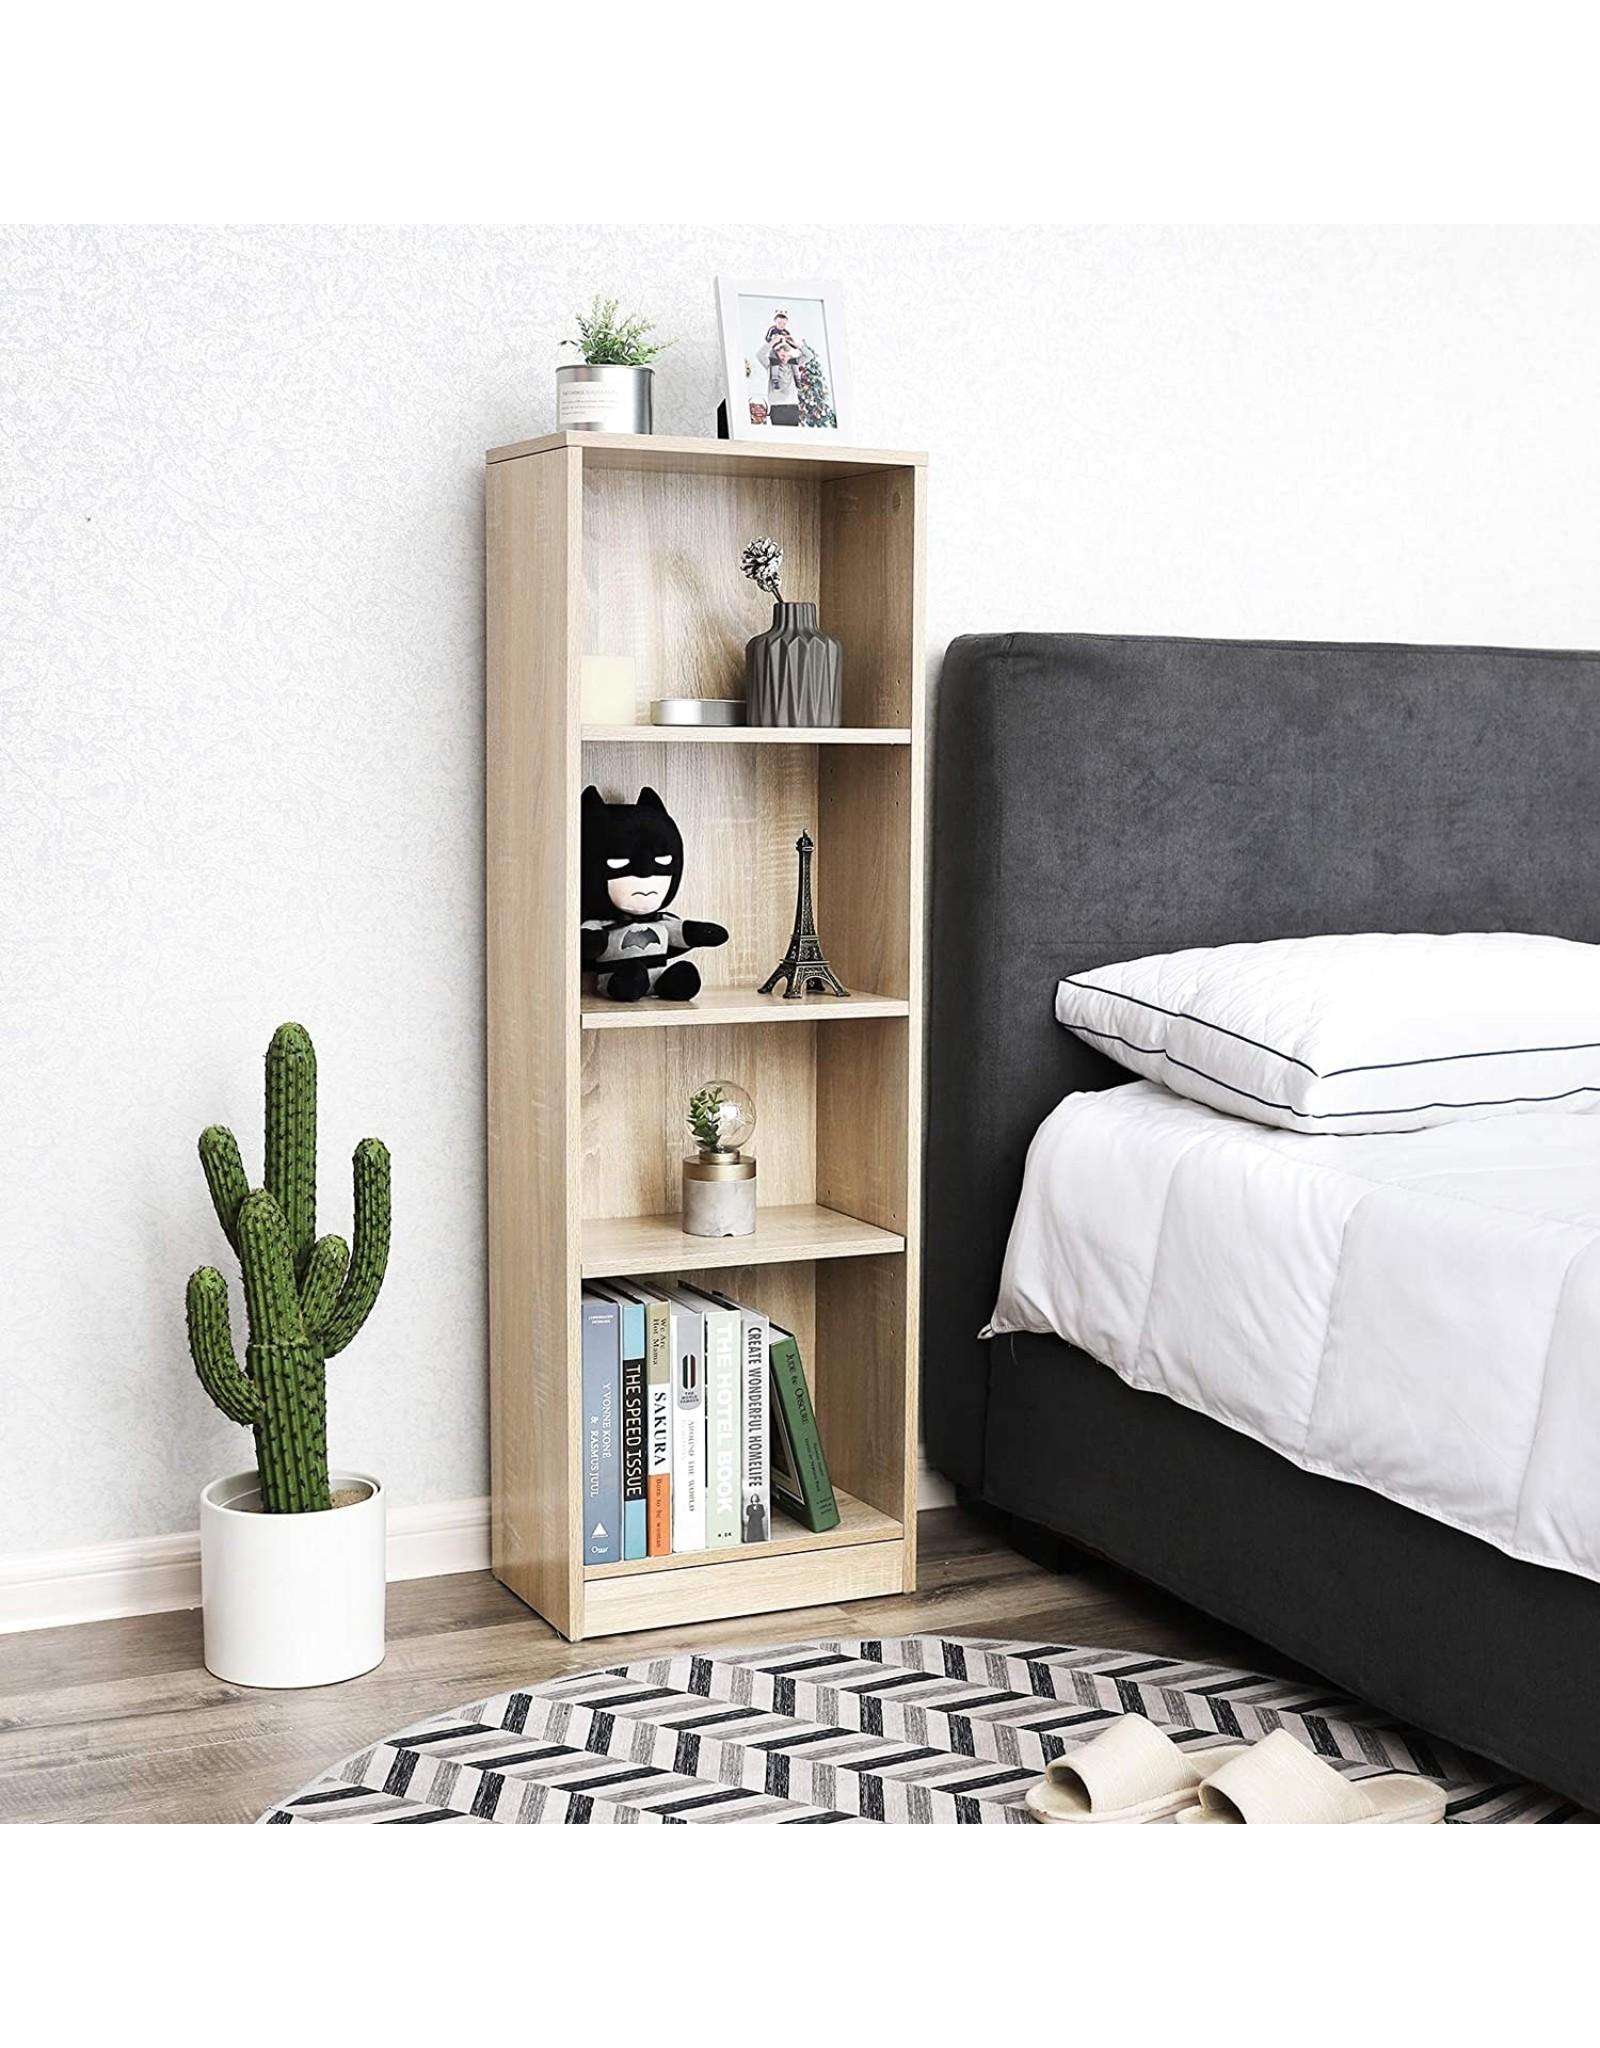 Parya Home Parya Home - Houten Boekenkast - 4 Planken - Verstelbare Planken - Bruin